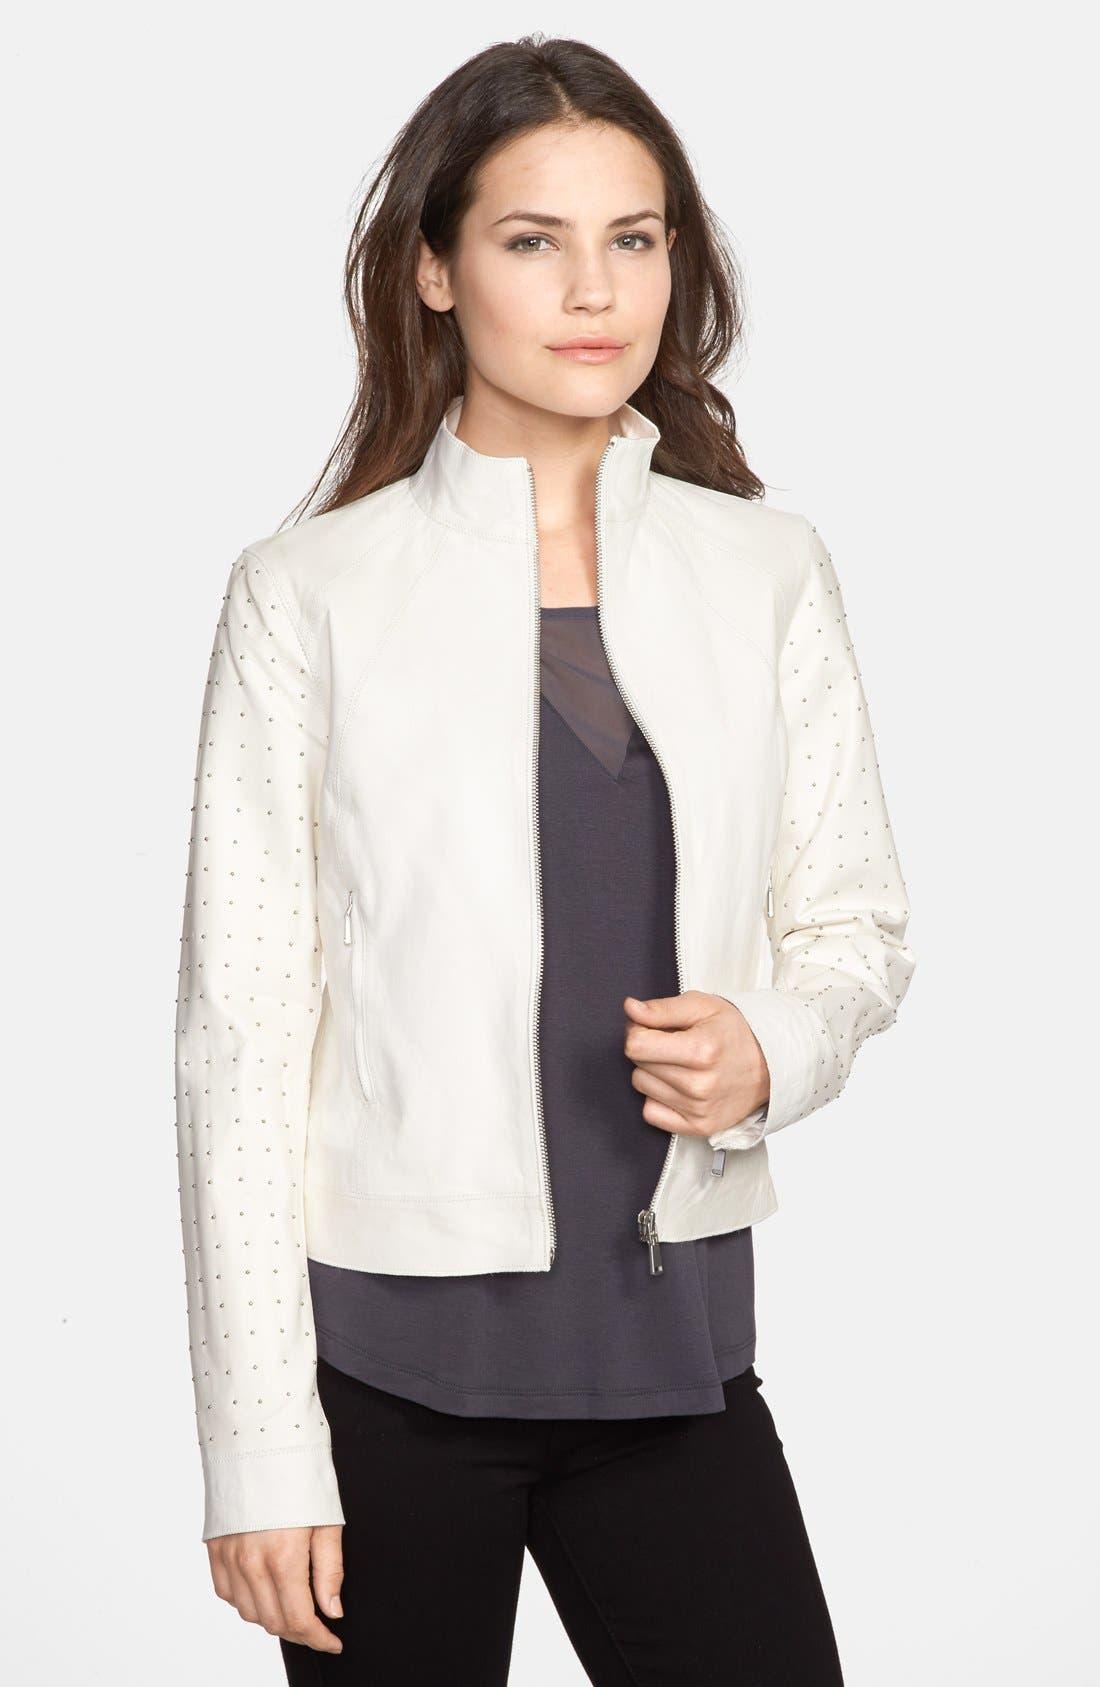 Alternate Image 1 Selected - Elie Tahari 'Suella' Studded Sleeve Leather Jacket